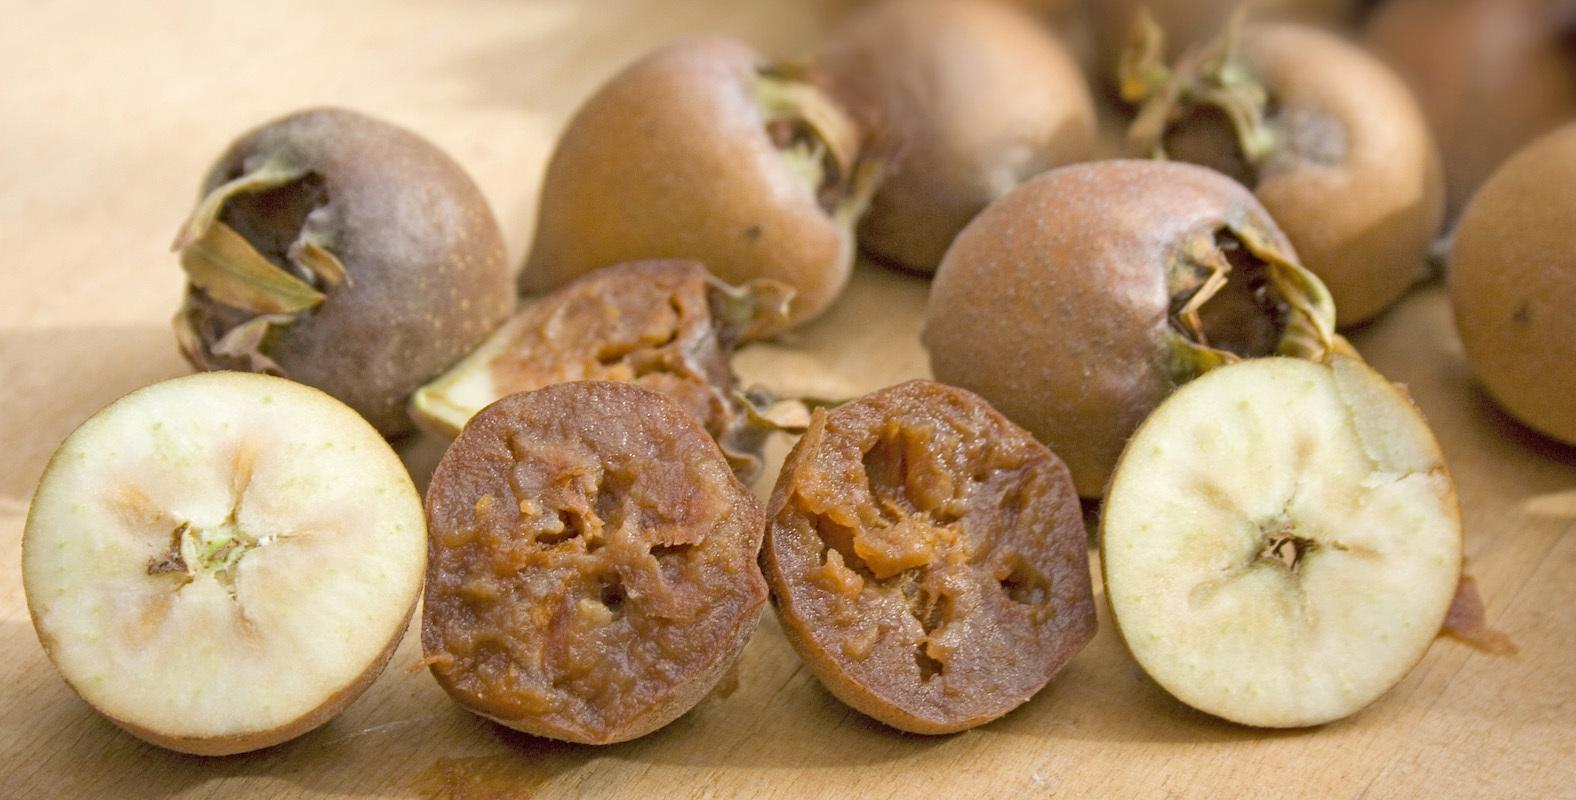 Nèfles - Coupe transversale - fruits verts et blets